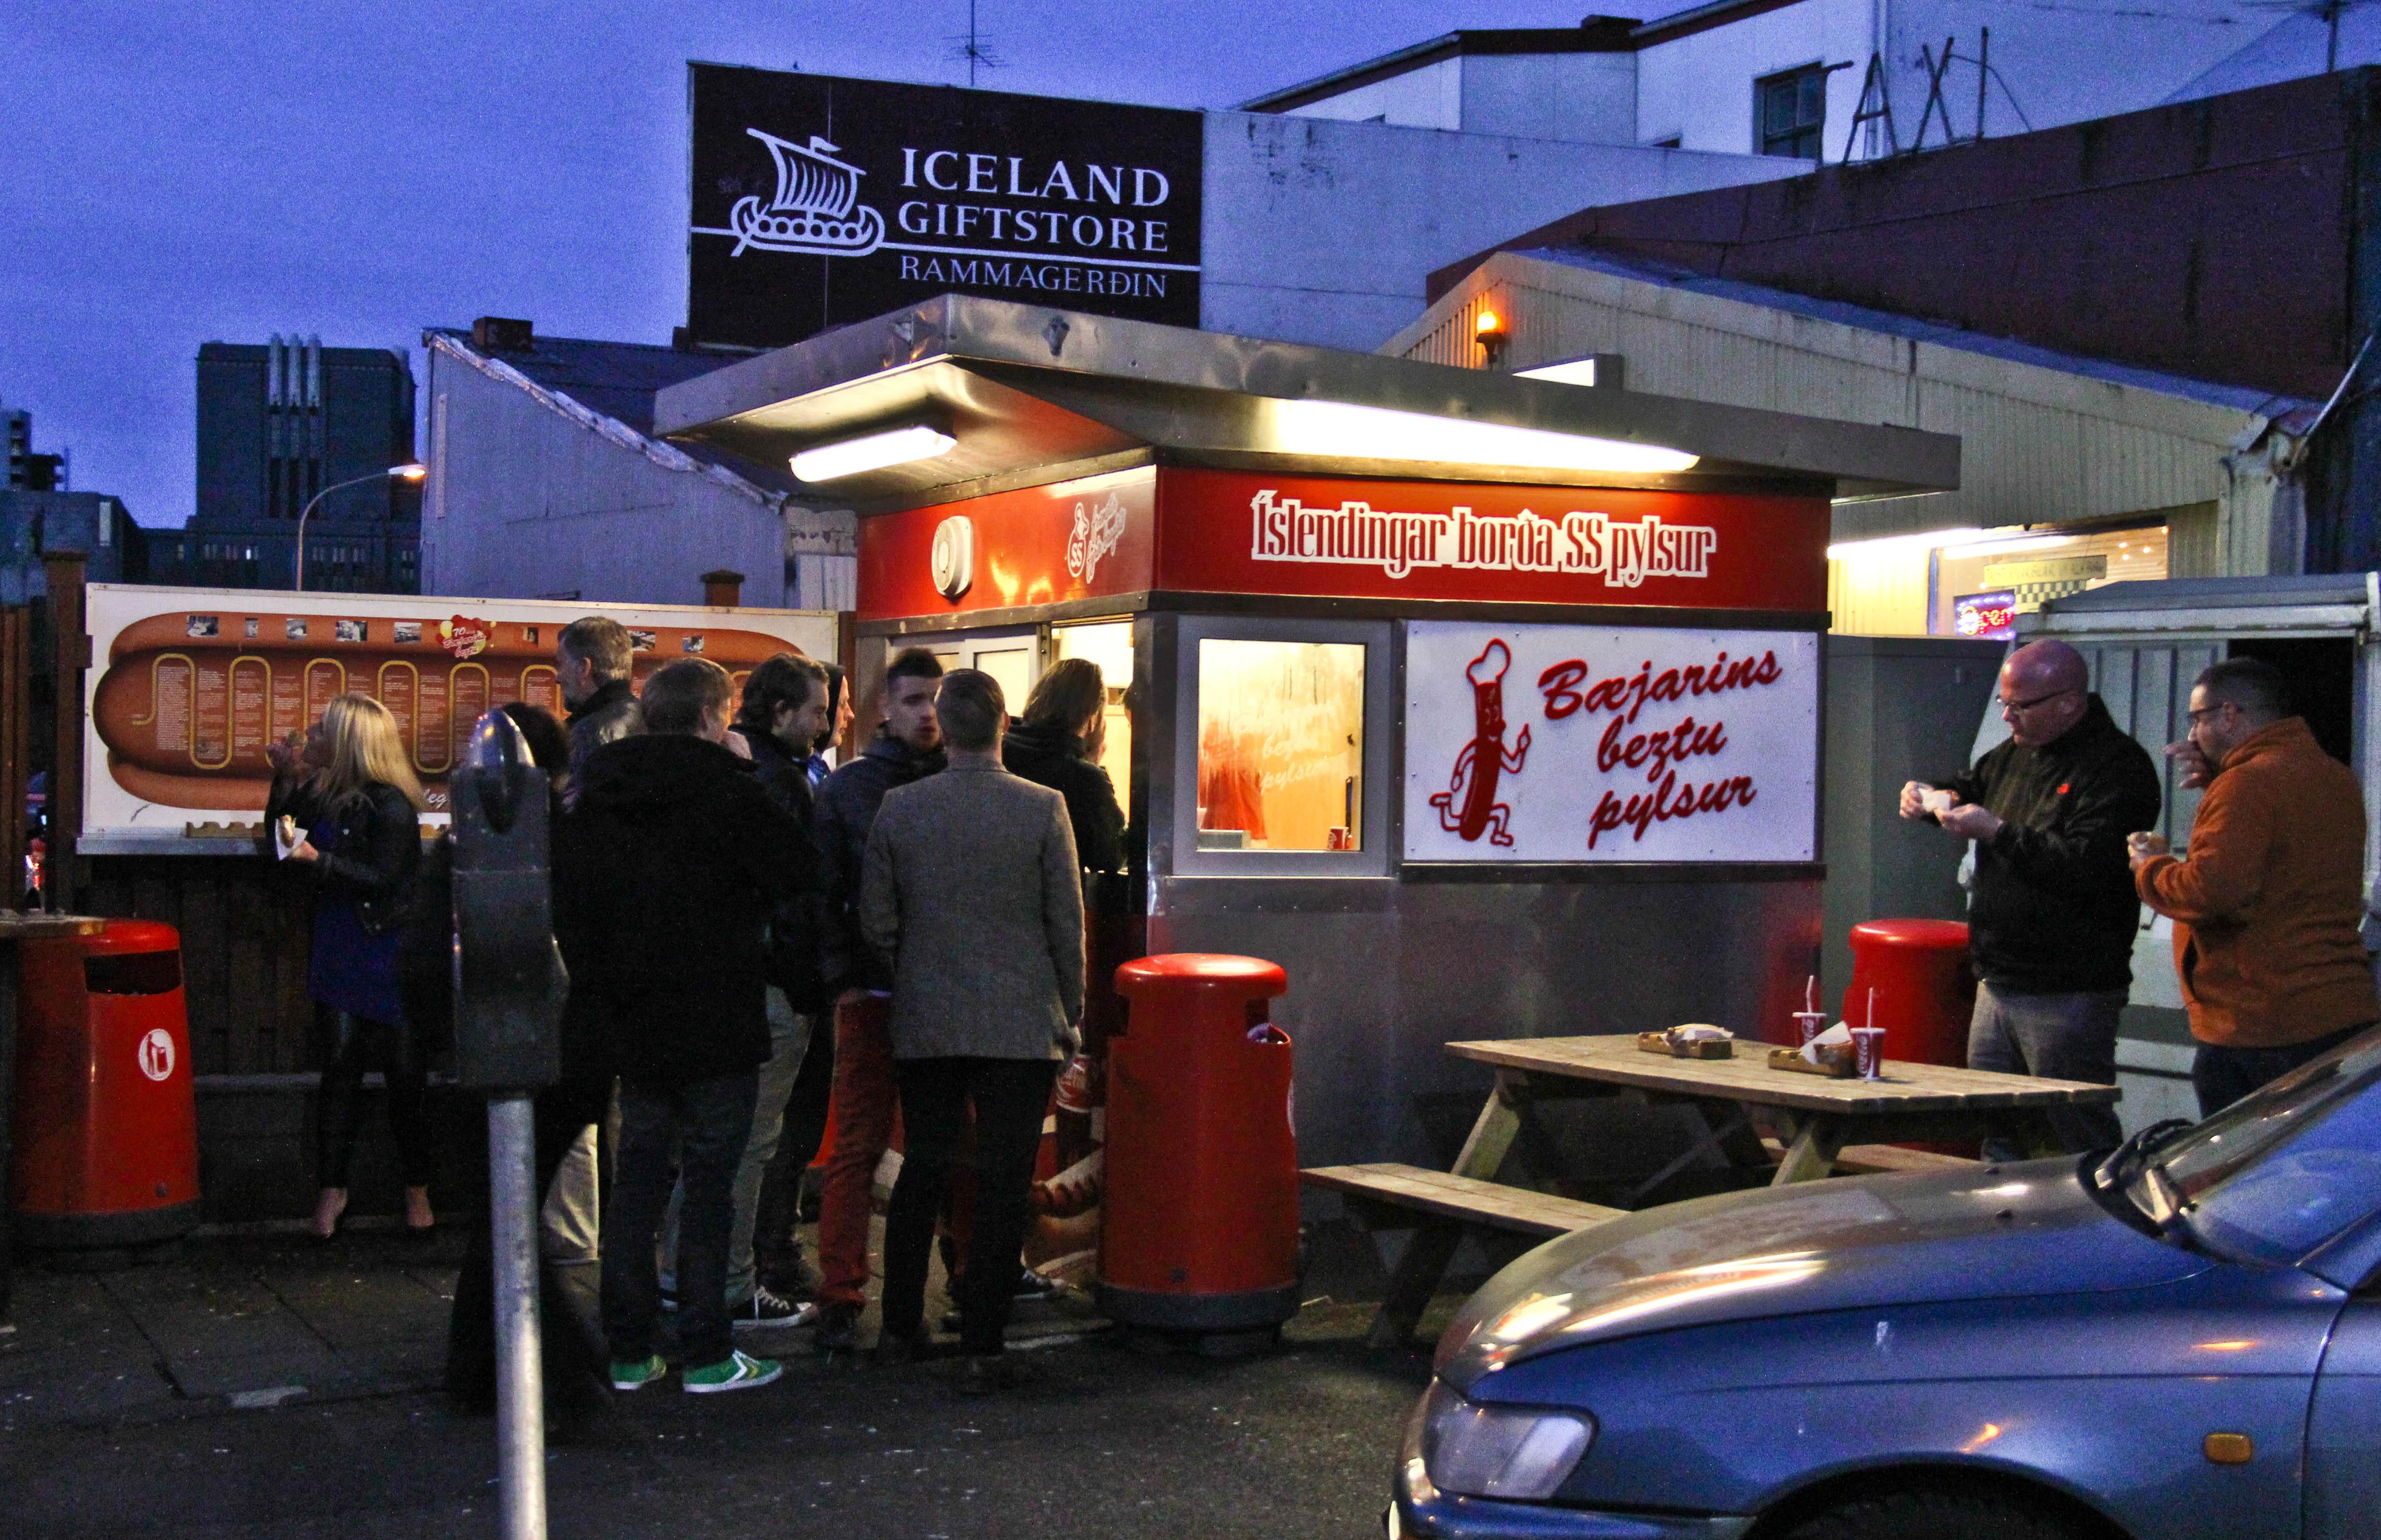 Hot Dog Stand Reykjavik Iceland